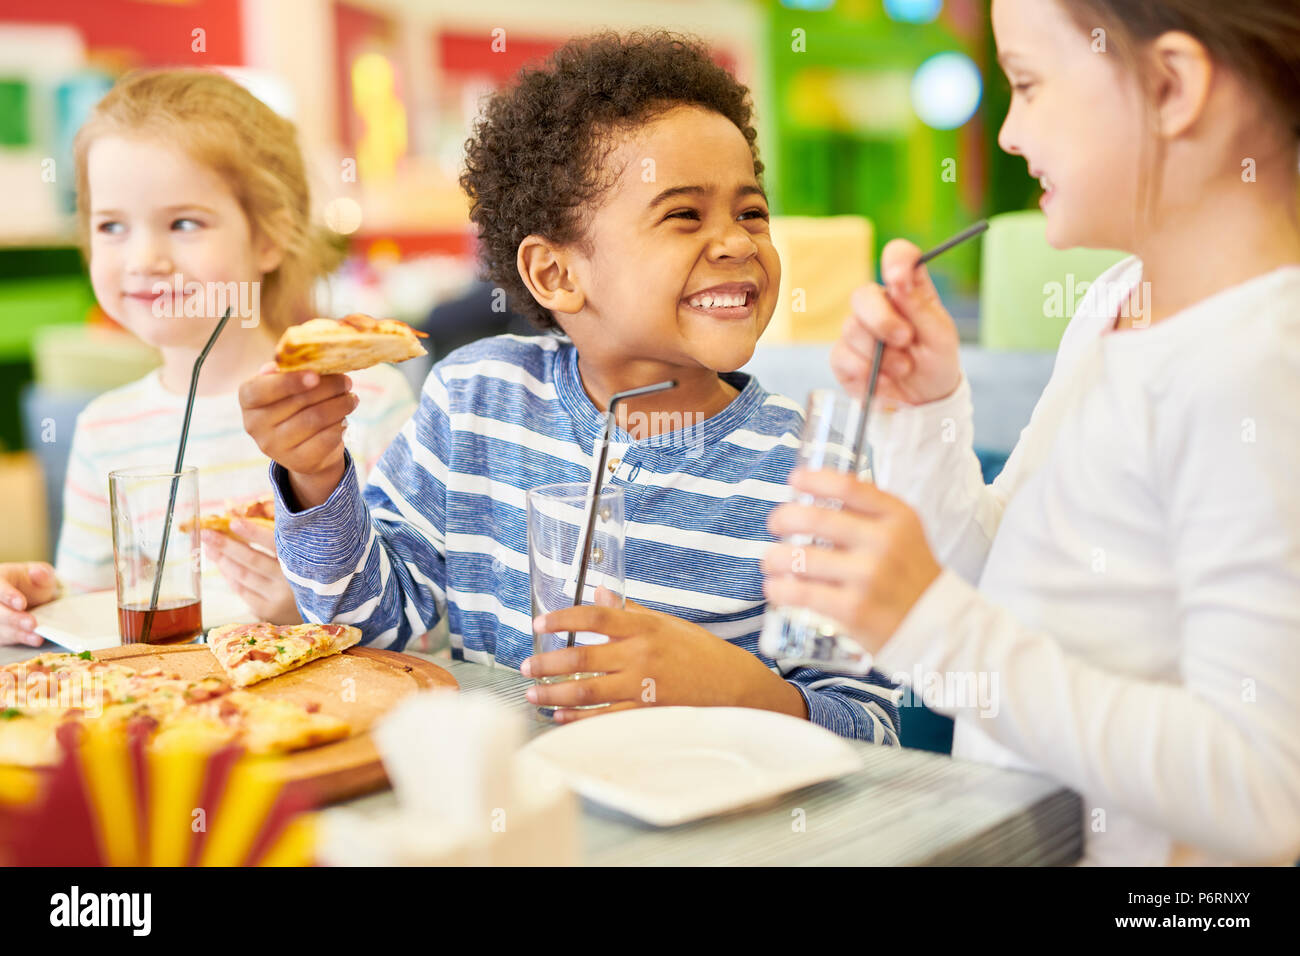 Glückliche Kinder in Pizzeria Stockbild